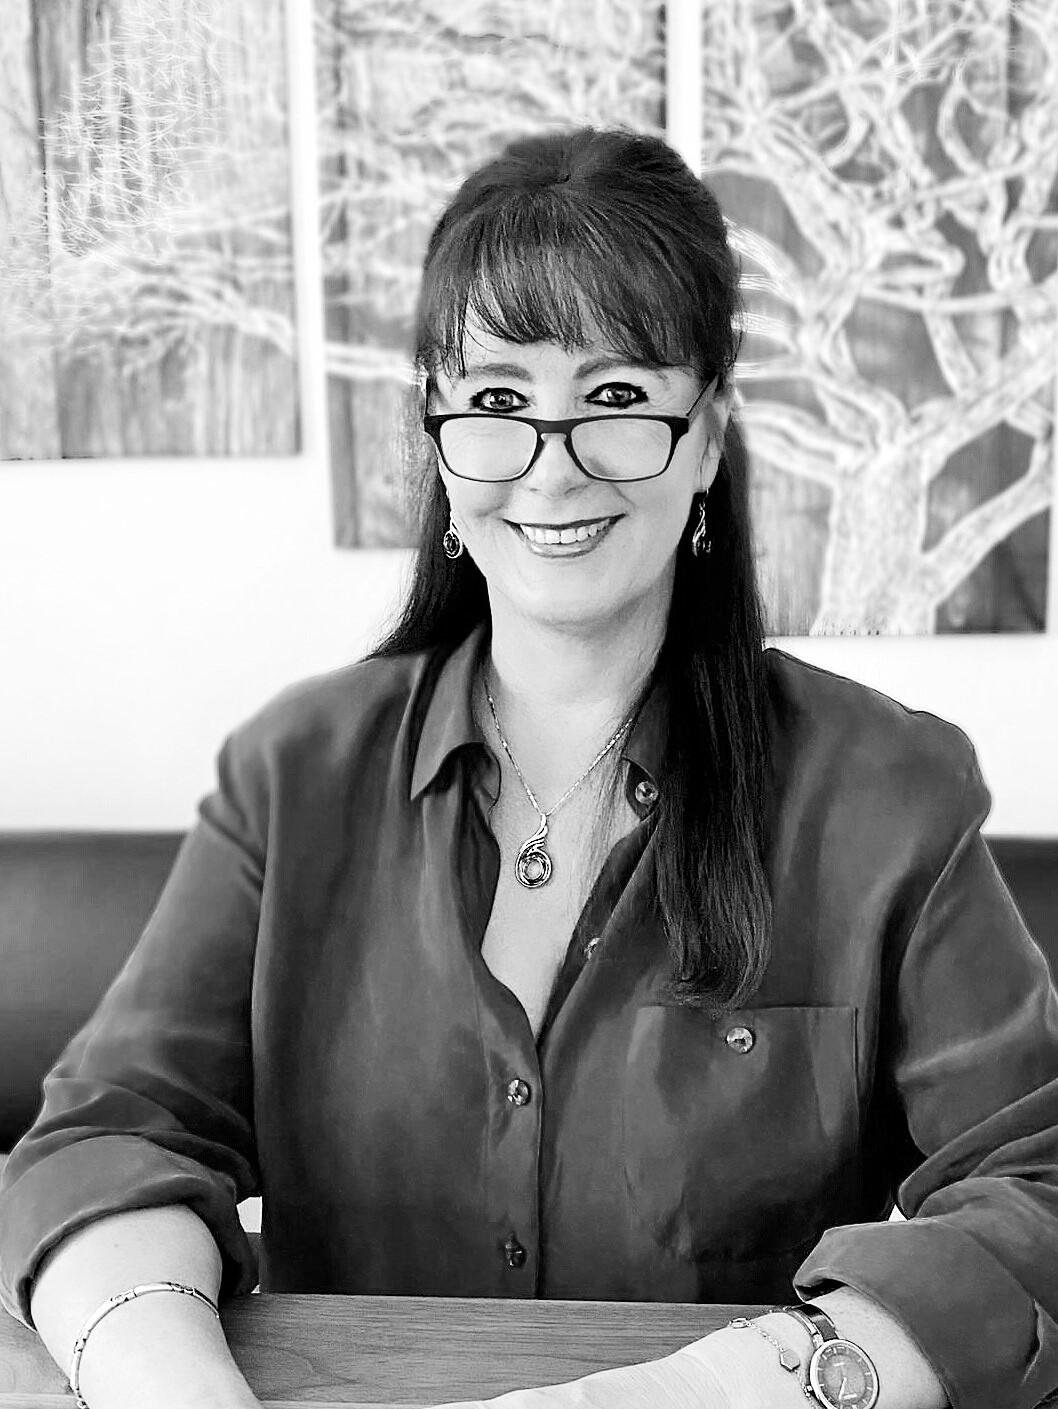 Manuela Büter, Jahrgang 1969 lebt und arbeitet in einer Stadtverwaltung am Niederrhein, wenn sie nicht gerade Thriller schreibt.